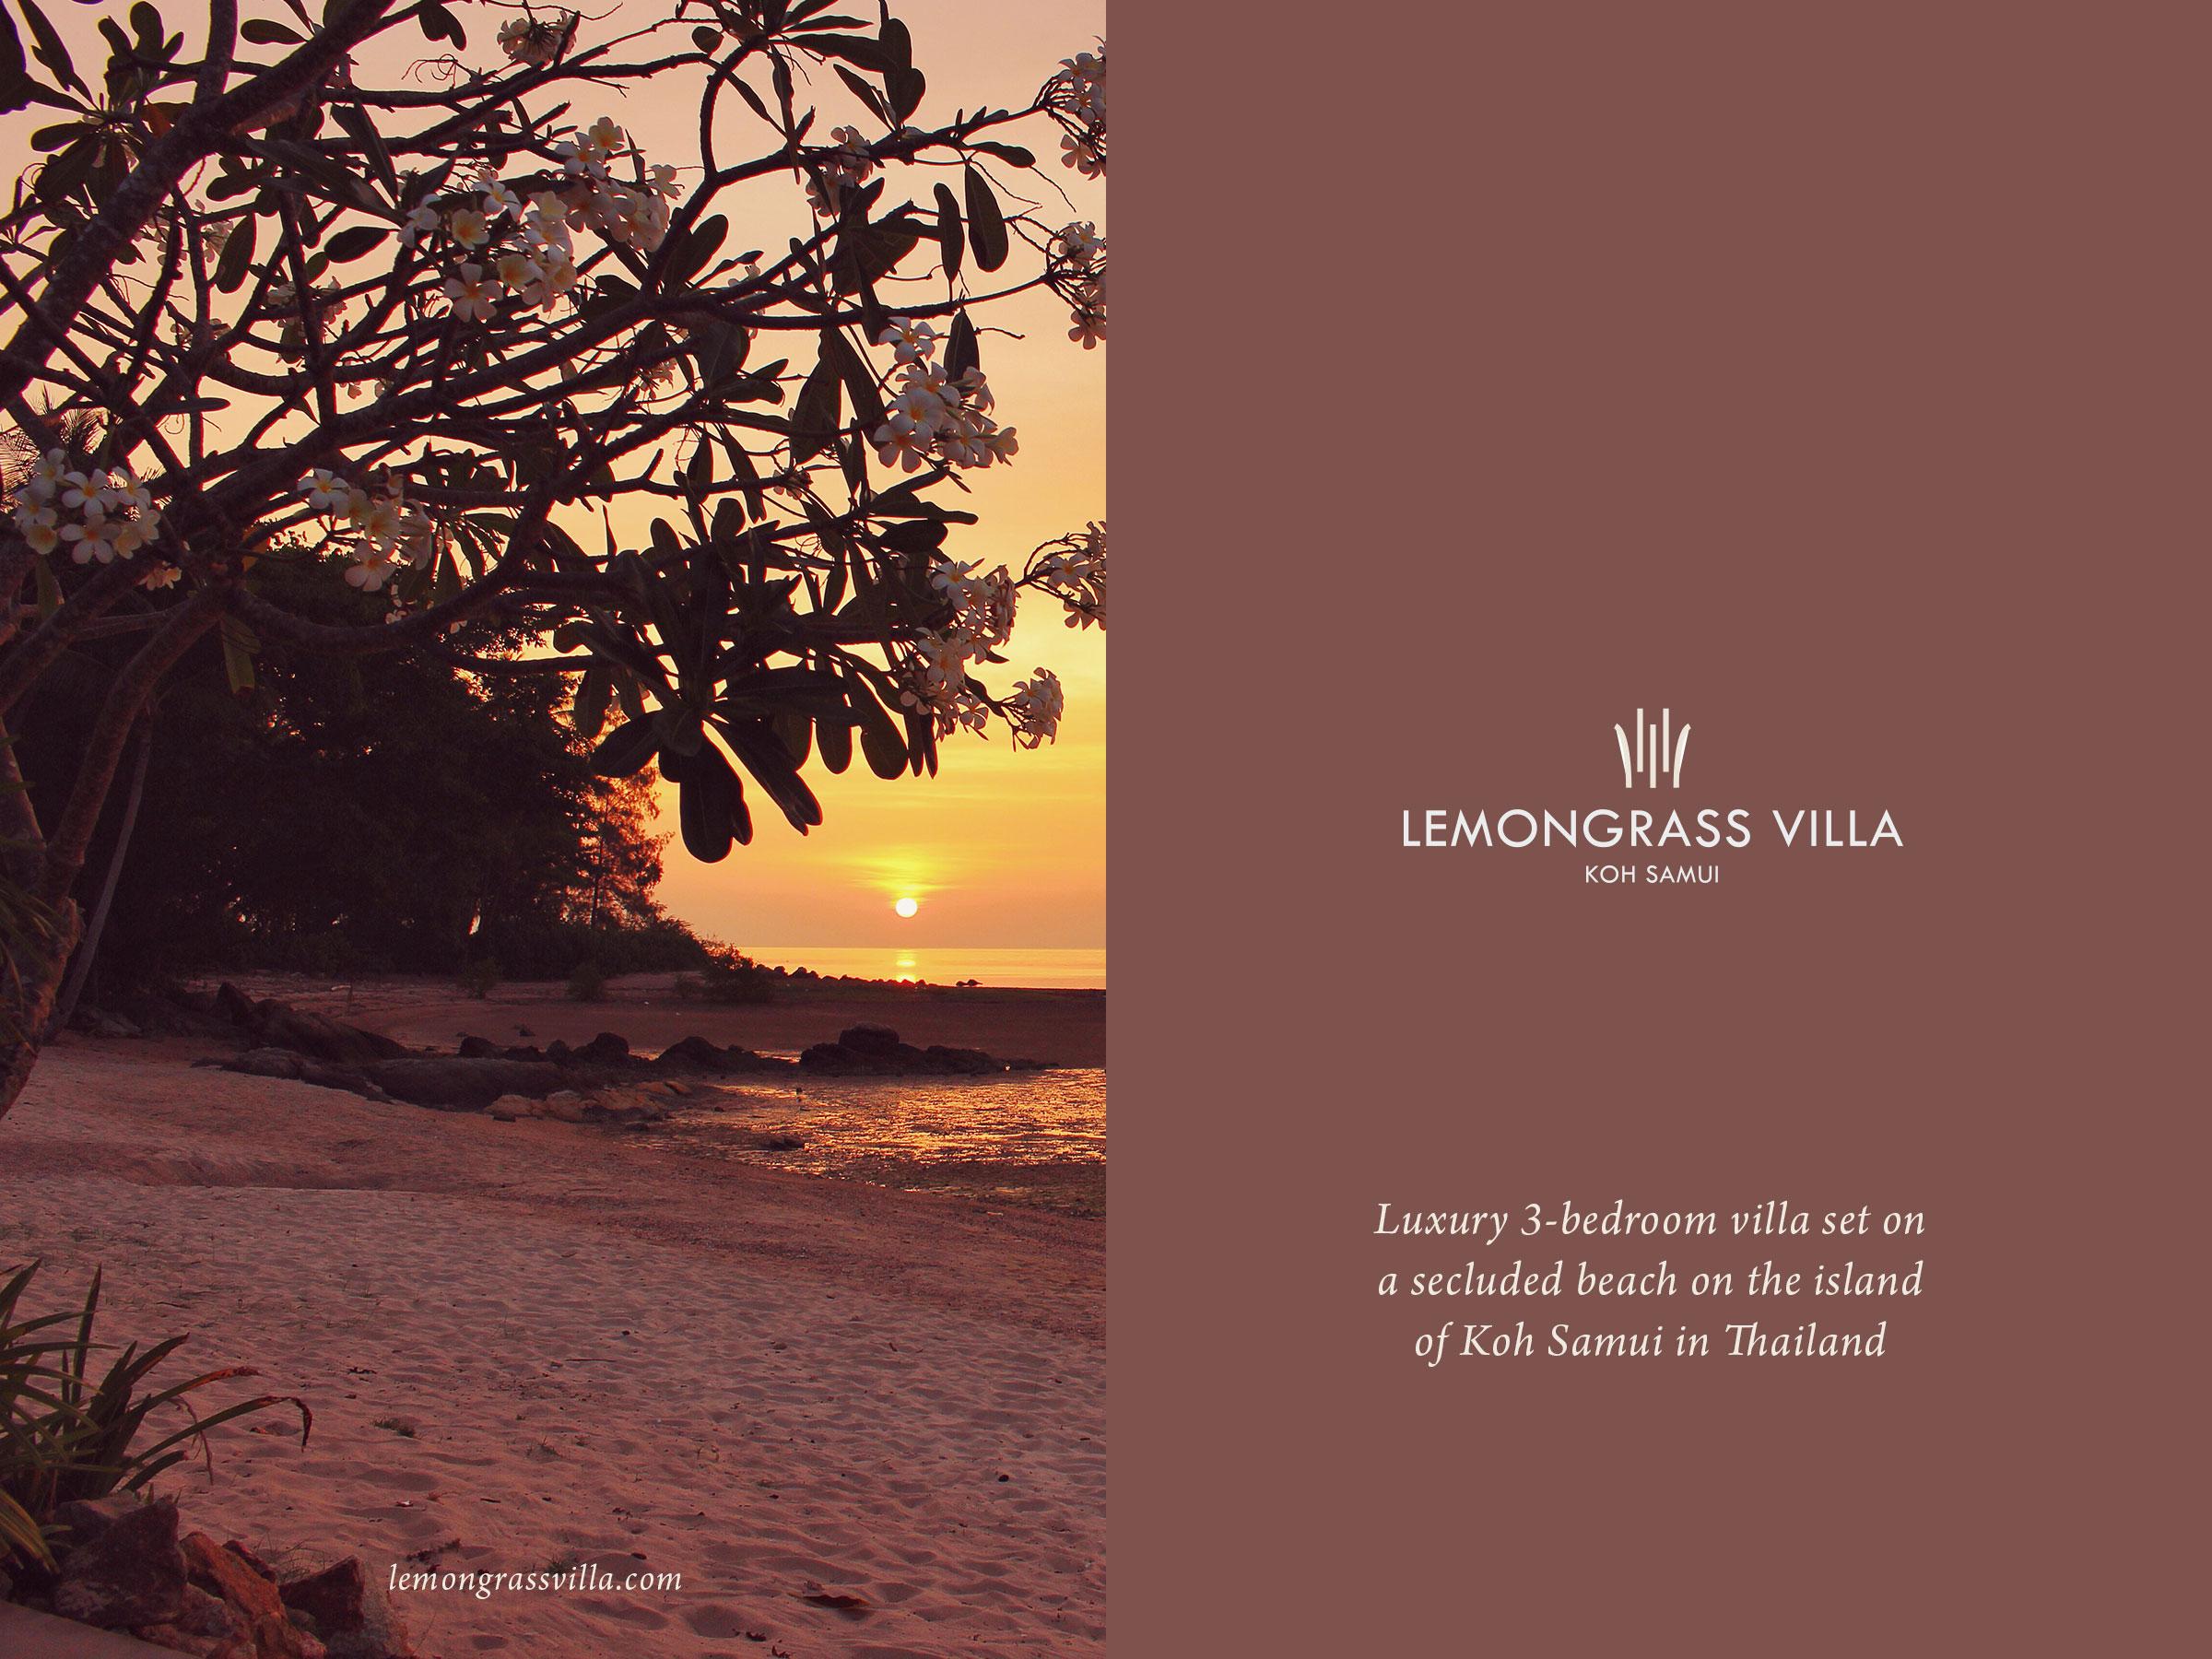 Lemongrassvilla-Koh-Samui-Campaign-June-2017-v2.jpg